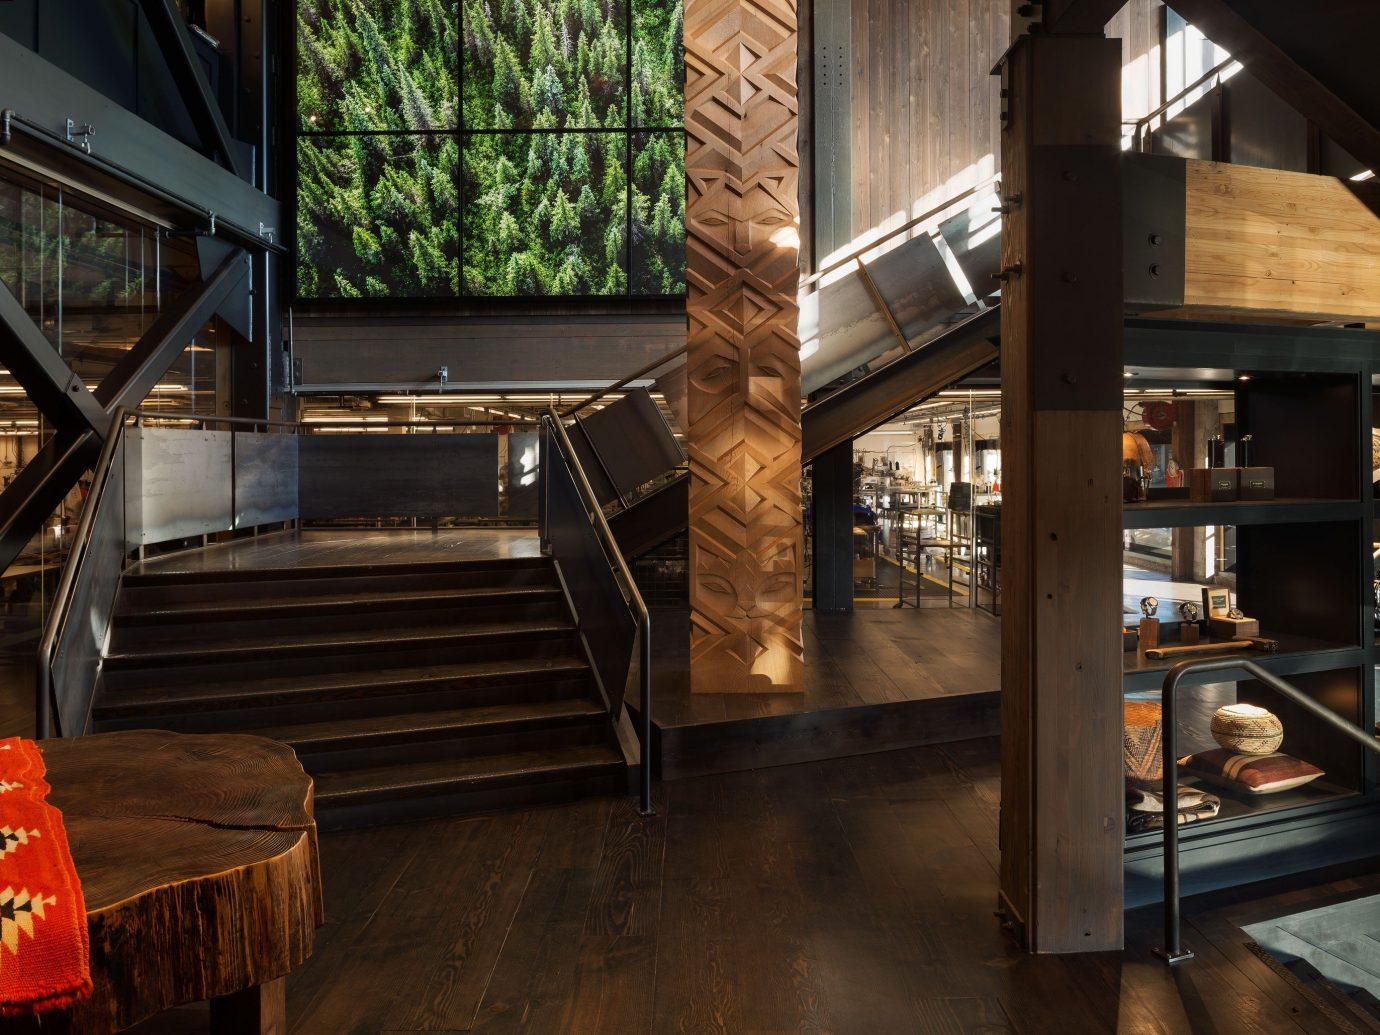 Summer Series indoor floor house Architecture interior design wood home estate Design restaurant tourist attraction Bar step